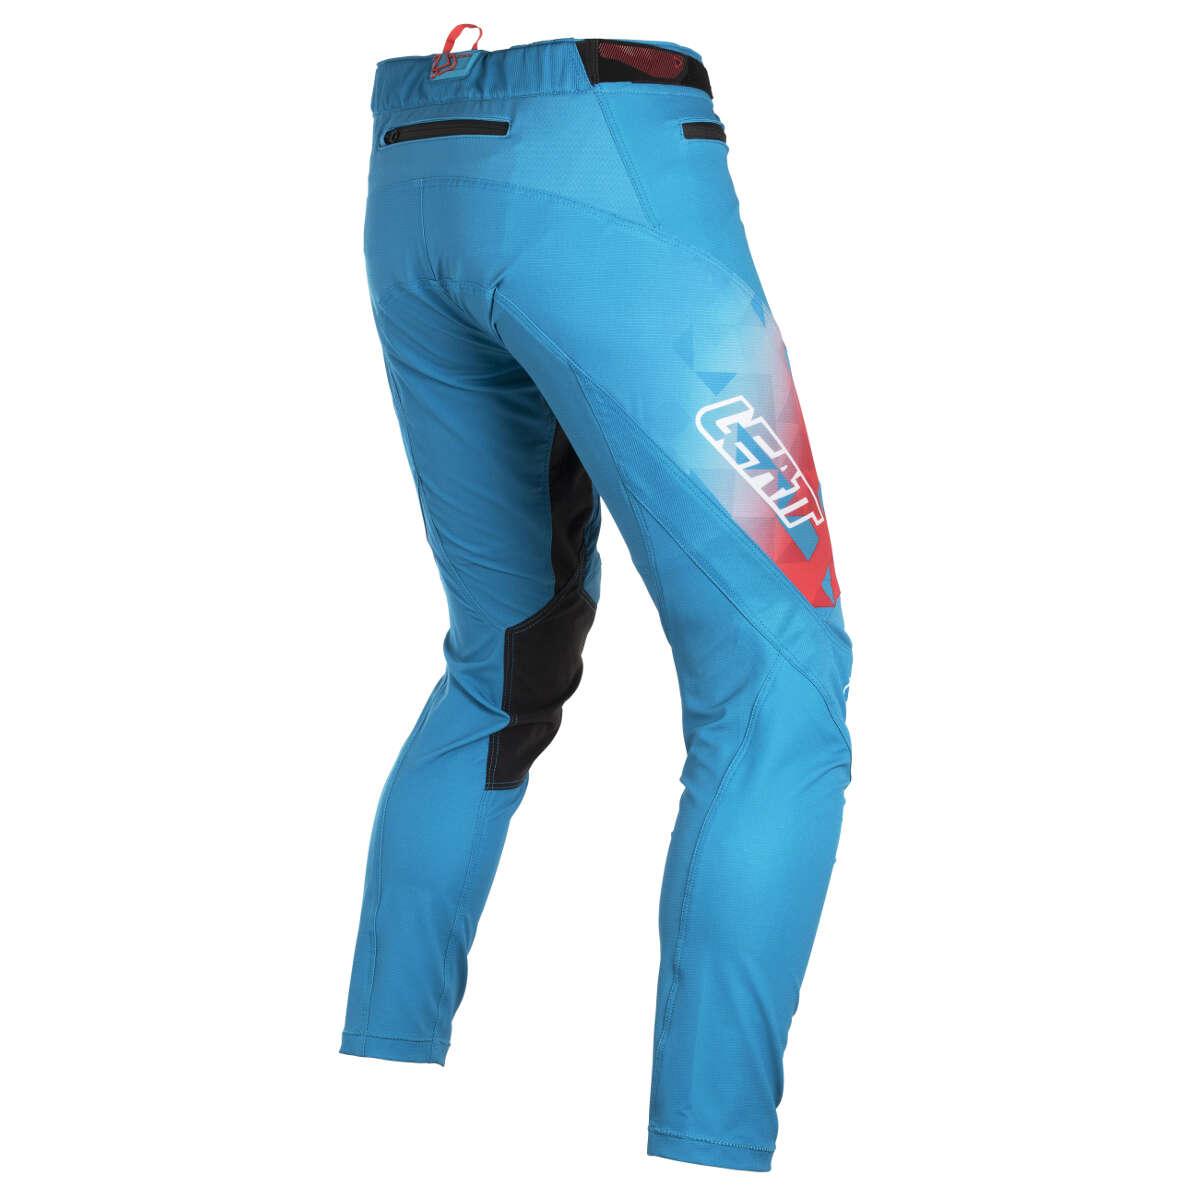 Leatt Downhill-Pantaloni FUEL DBX 4.0 FUEL Downhill-Pantaloni 037ca8